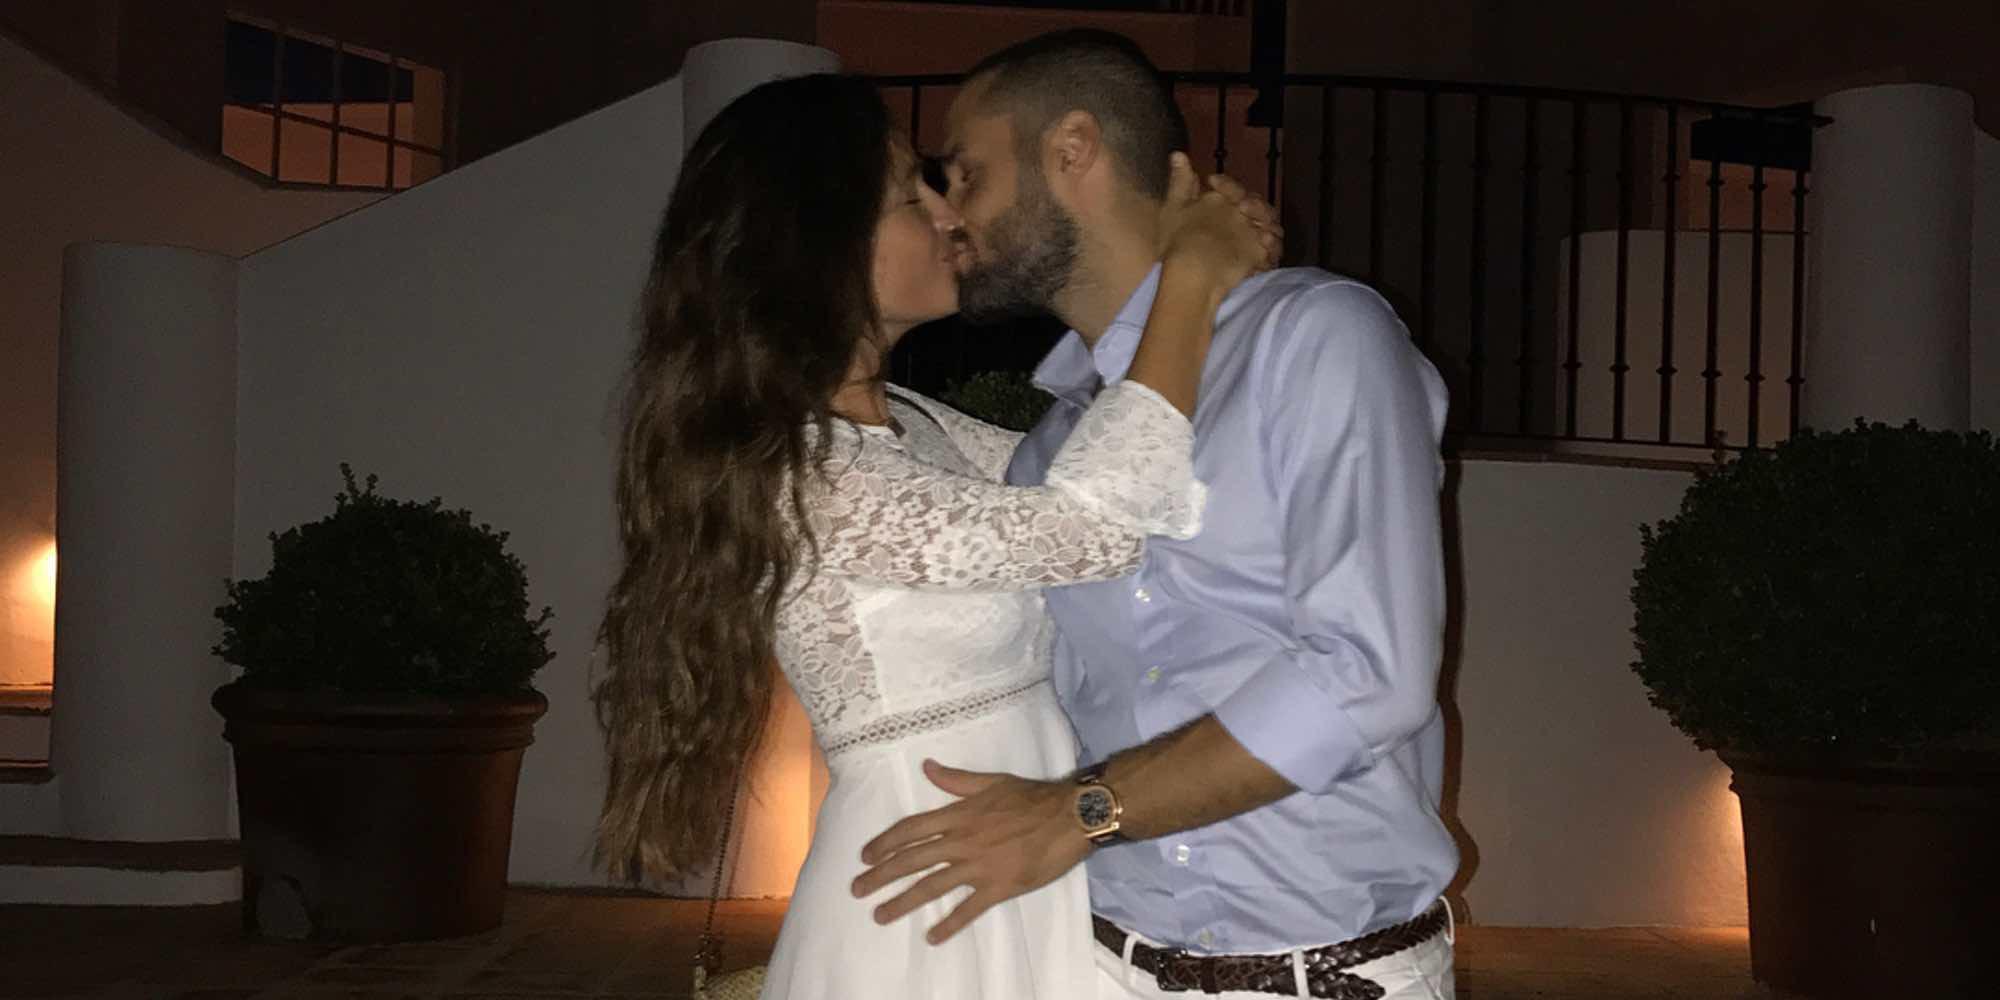 El reencuentro más esperado y especial de Mario Suárez y Malena Costa